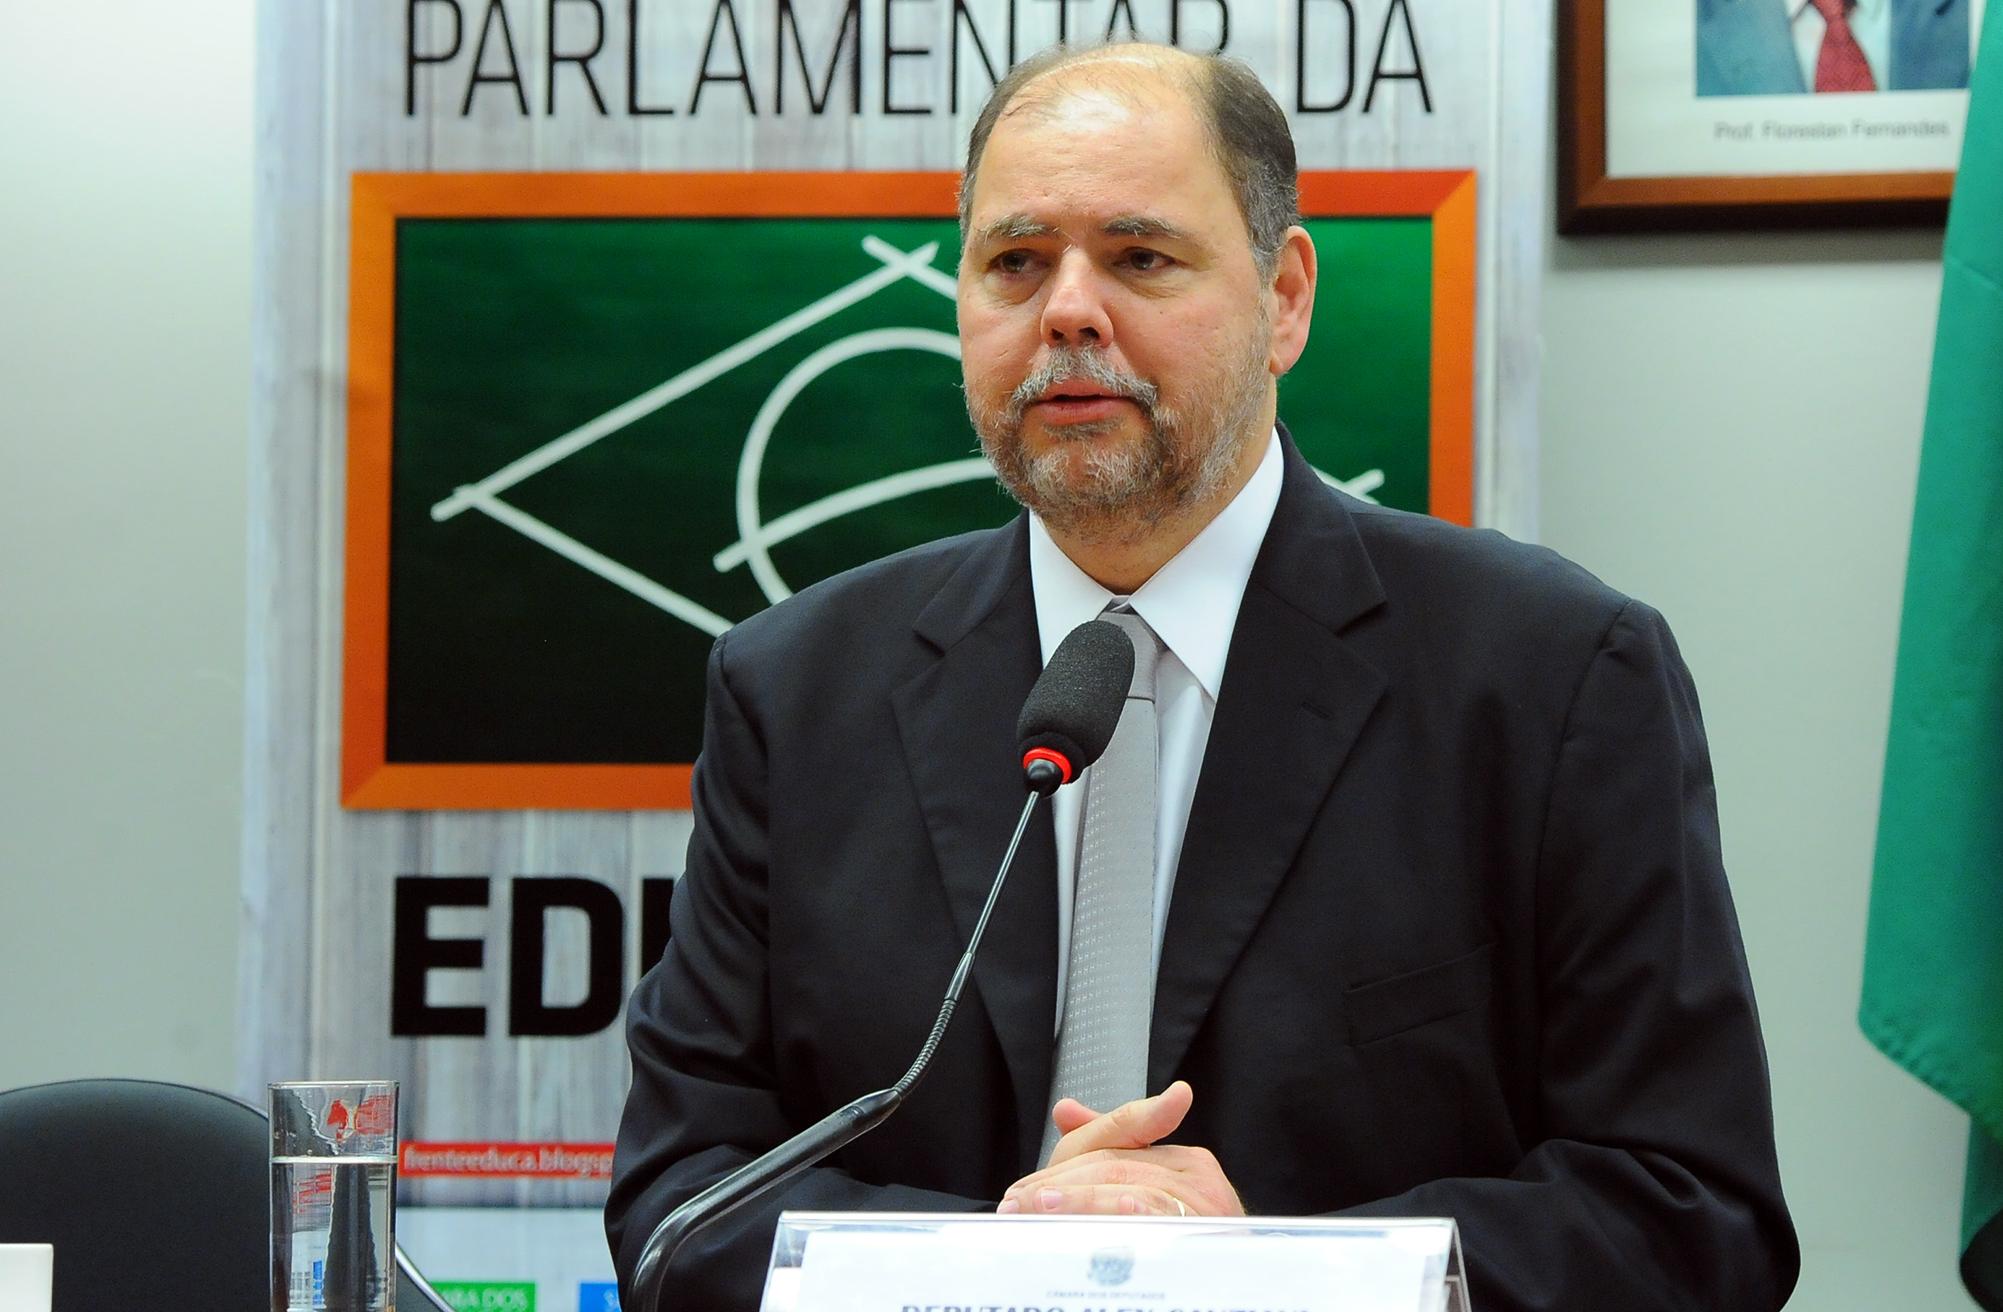 Frente Parlamentar Mista da Educação. Palestra sobre